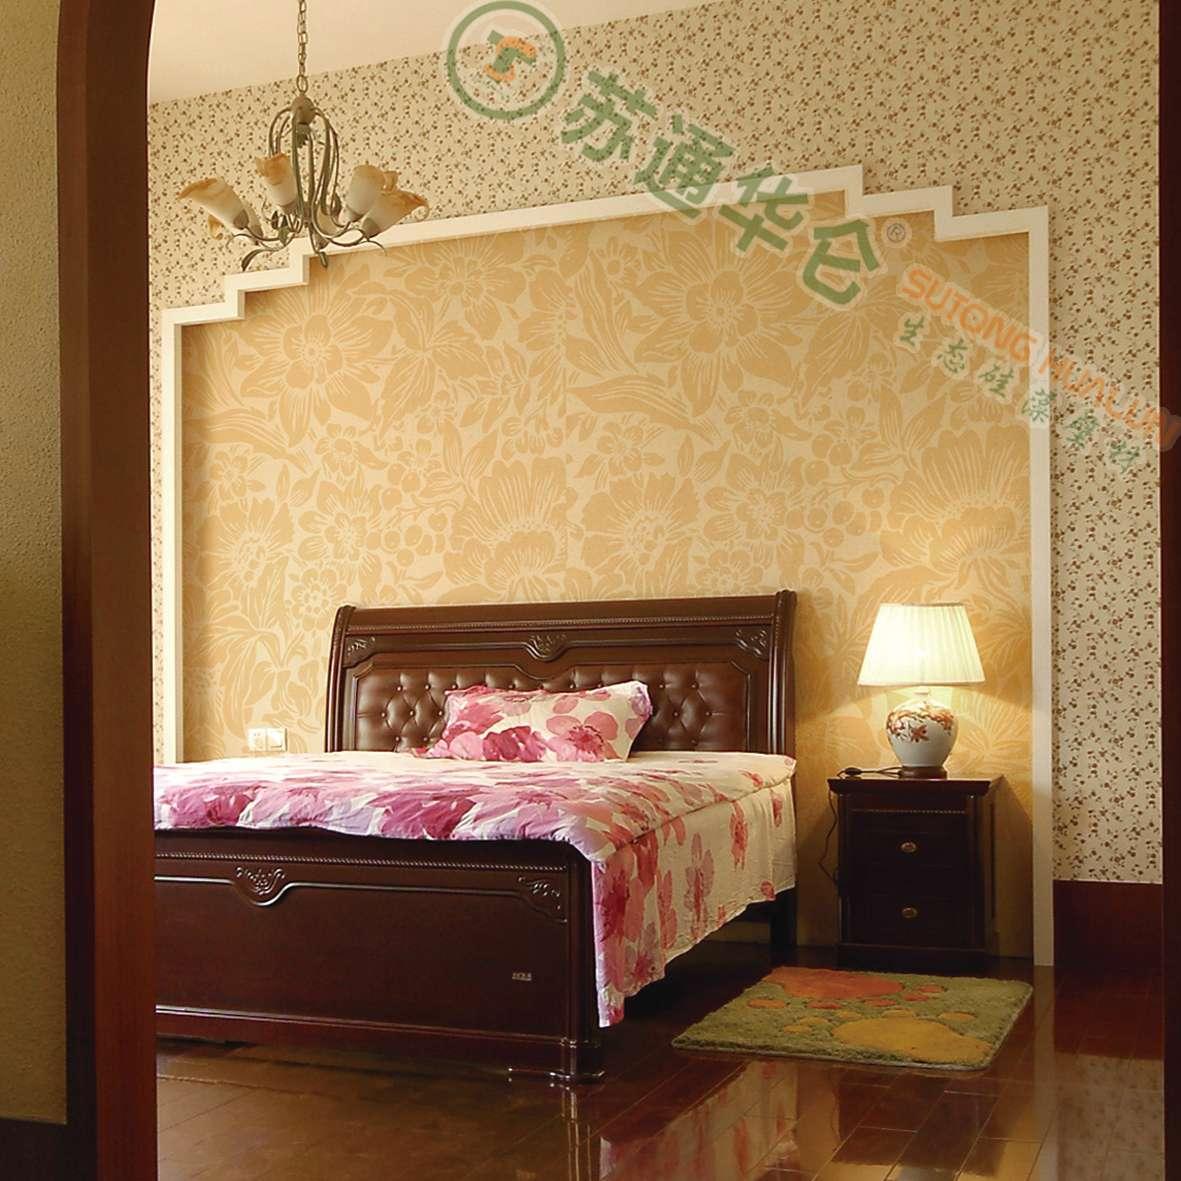 【华仑硅藻泥】中式古曲 造型喷涂 高端定制 卧室床头